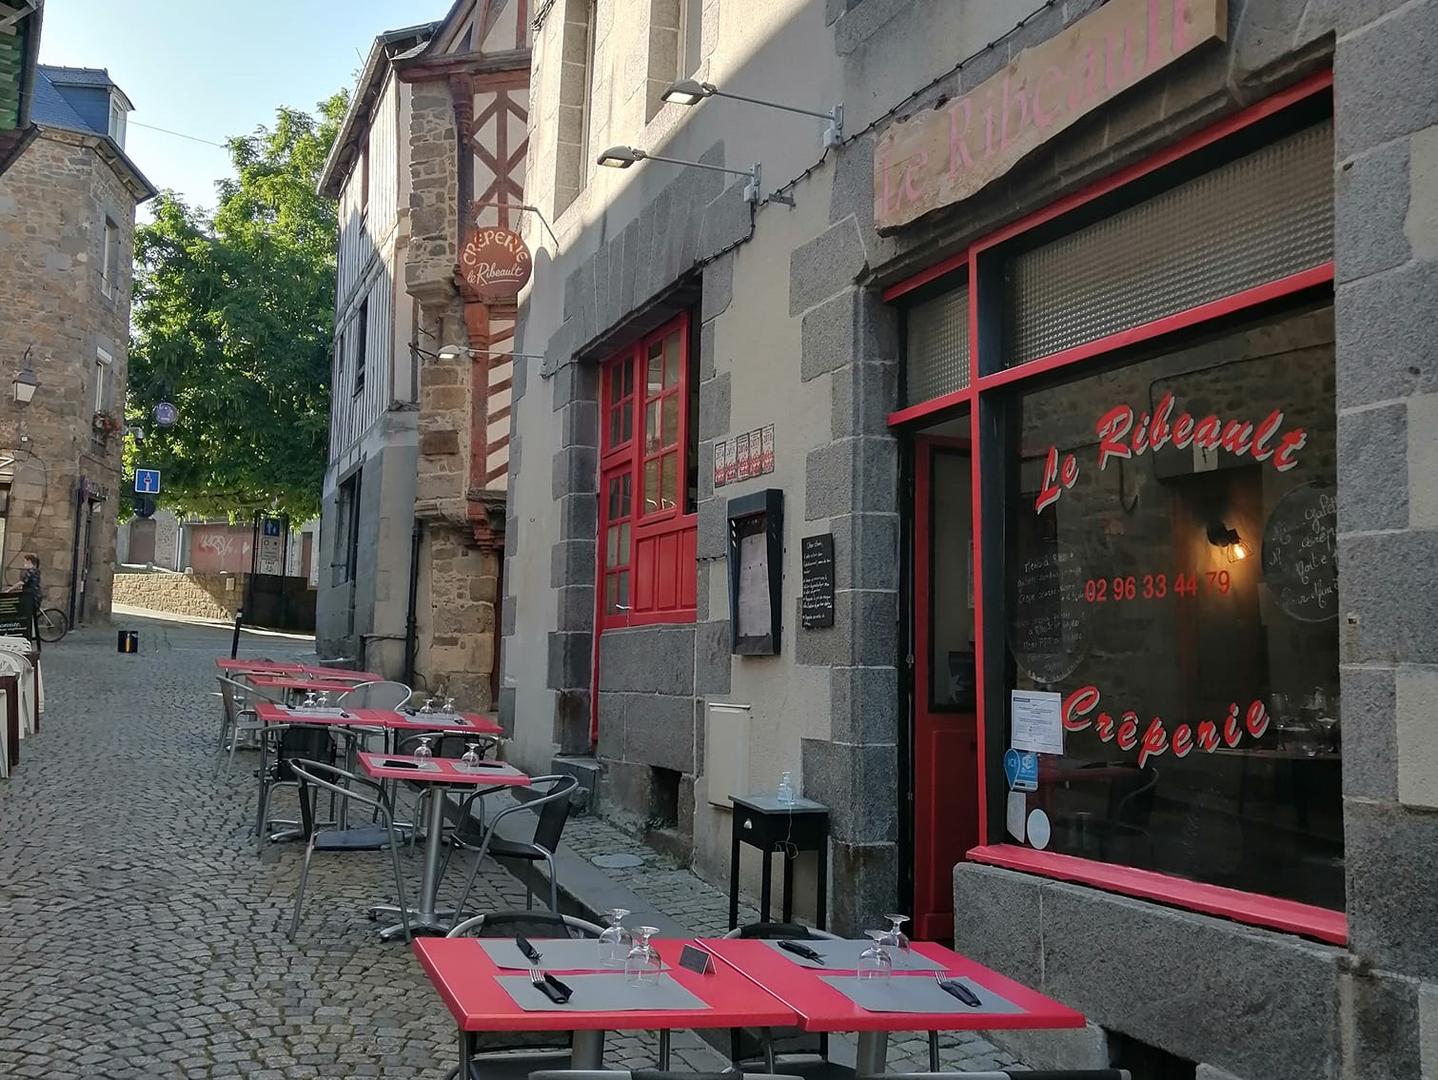 Creperie_Le_Ribeault_Saint-brieuc_terrasse